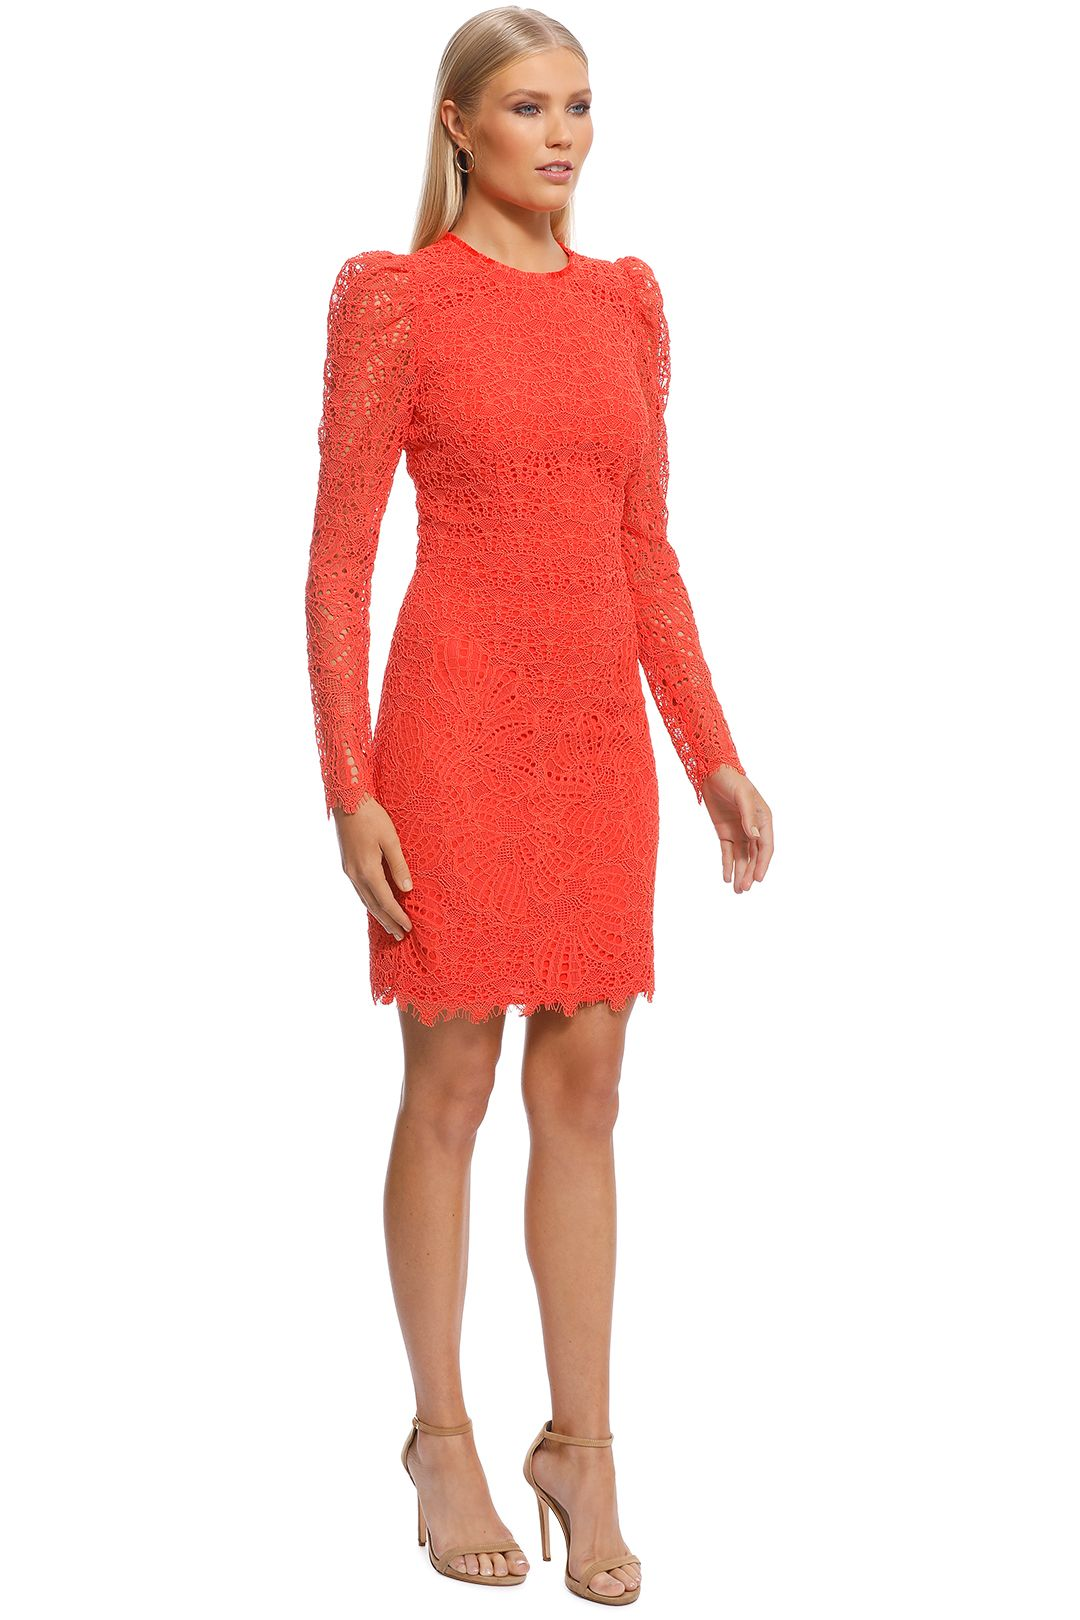 Rebecca Vallance - Mae Lace Mini Dress - Orange - Side